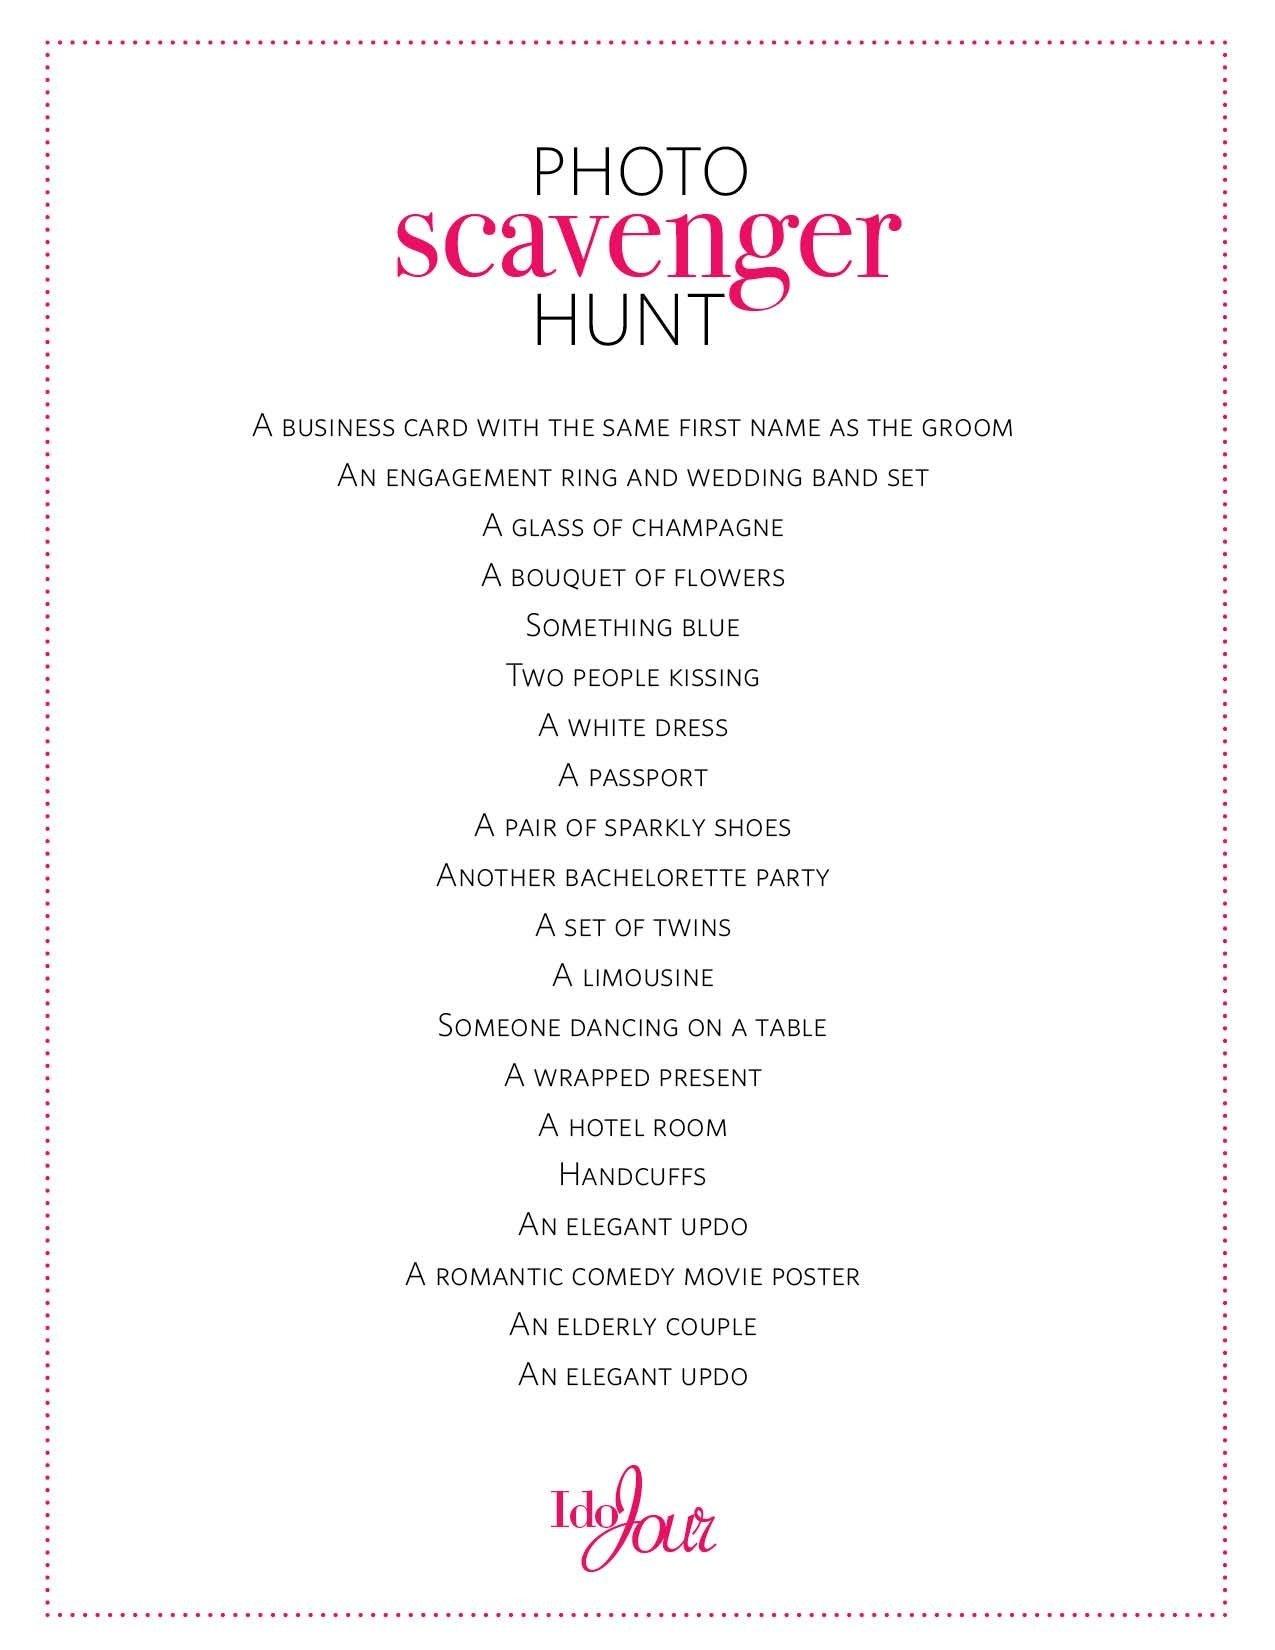 10 Famous Bachelorette Party Scavenger Hunt Ideas 16 bachelorette party ideas theyll talk about for years wedding 1 2020